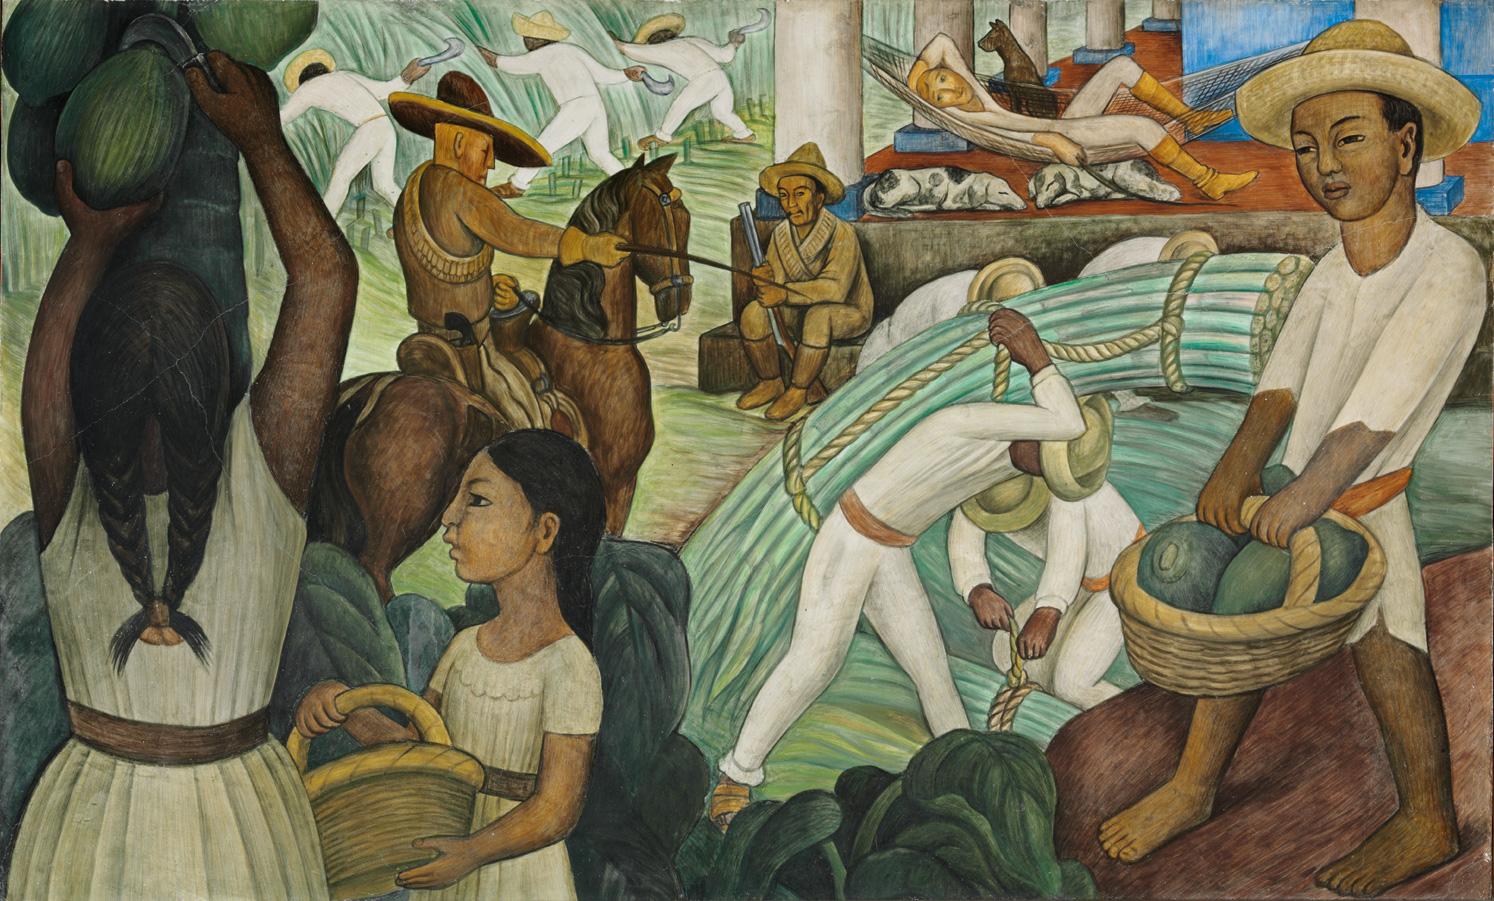 """La imagen muestra el mural """"Caña de azúcar"""" del pintor mexicano Diego Rivera."""